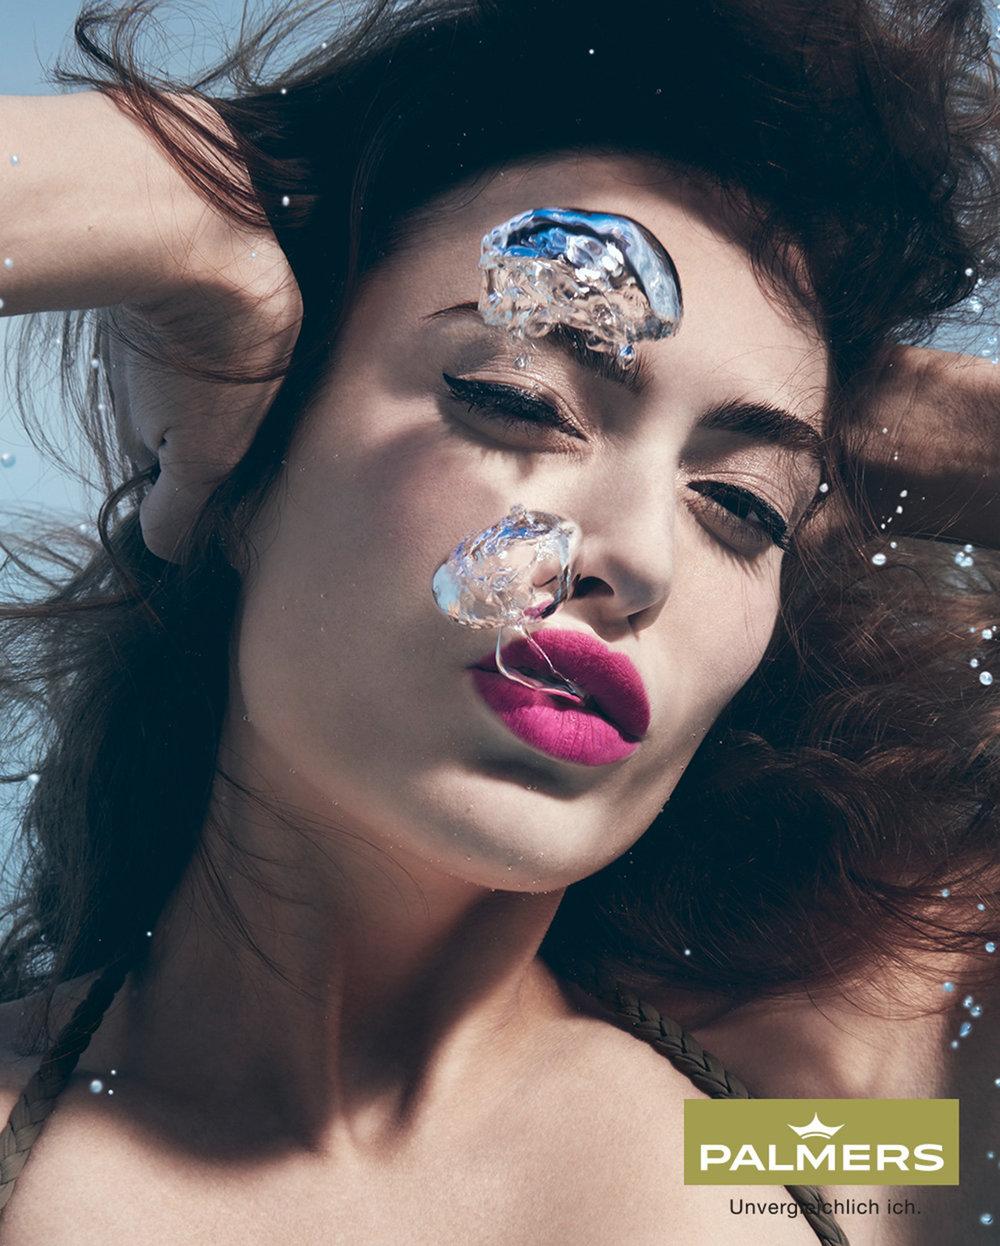 Susanne Stemmer portrait withpink lipstick underwater